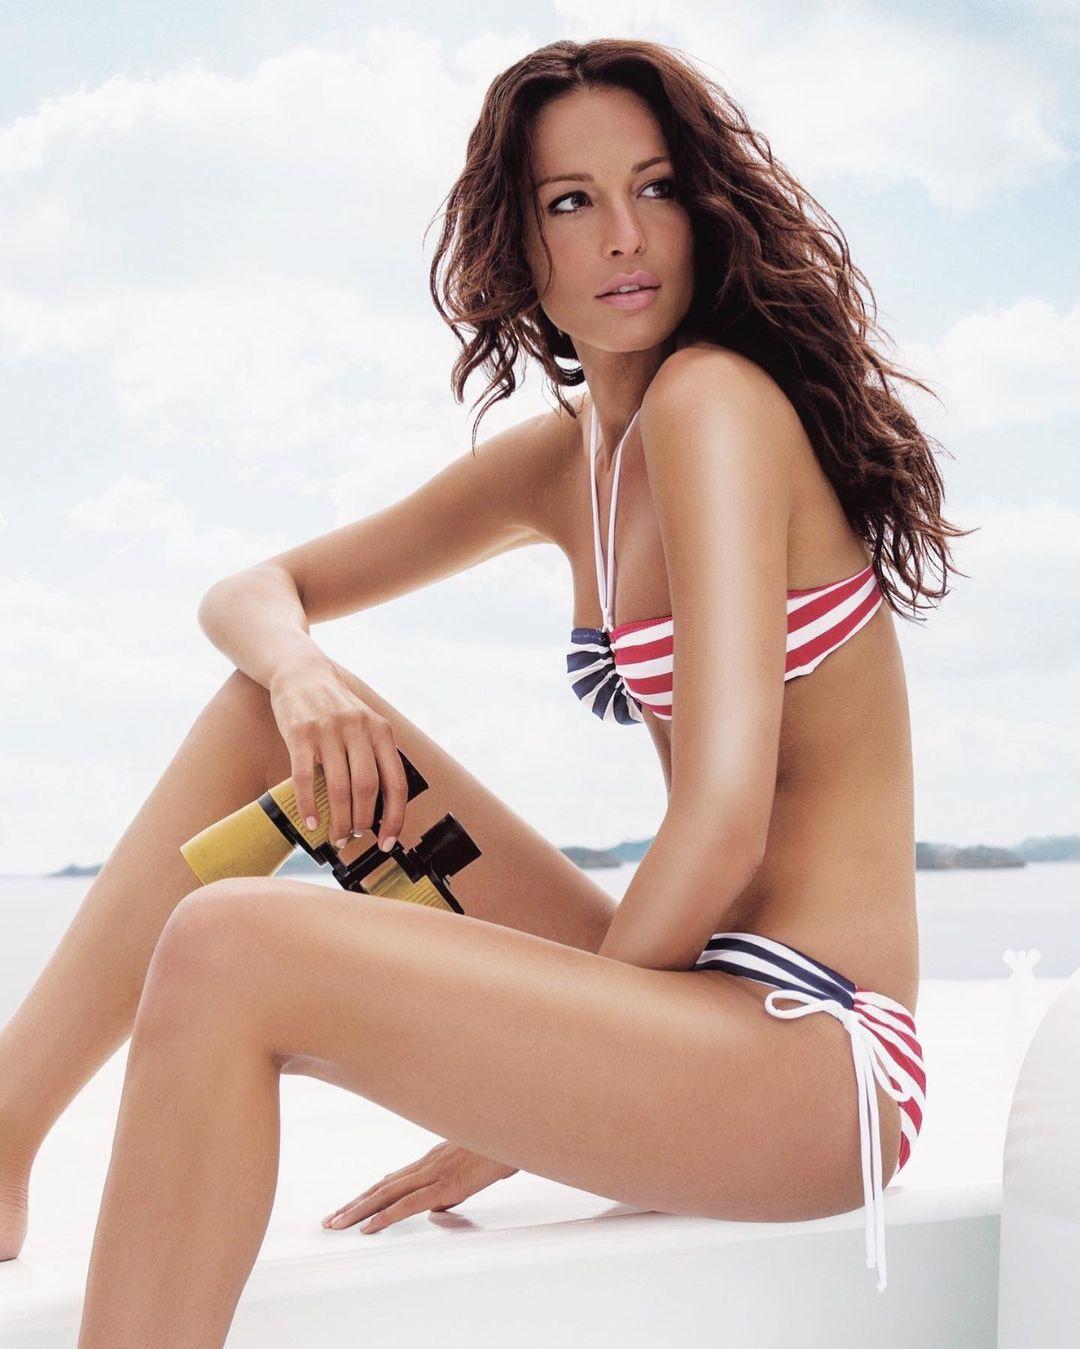 Güzide Duran bikinili pozlarıyla yıllara meydan okudu! - Sayfa 2